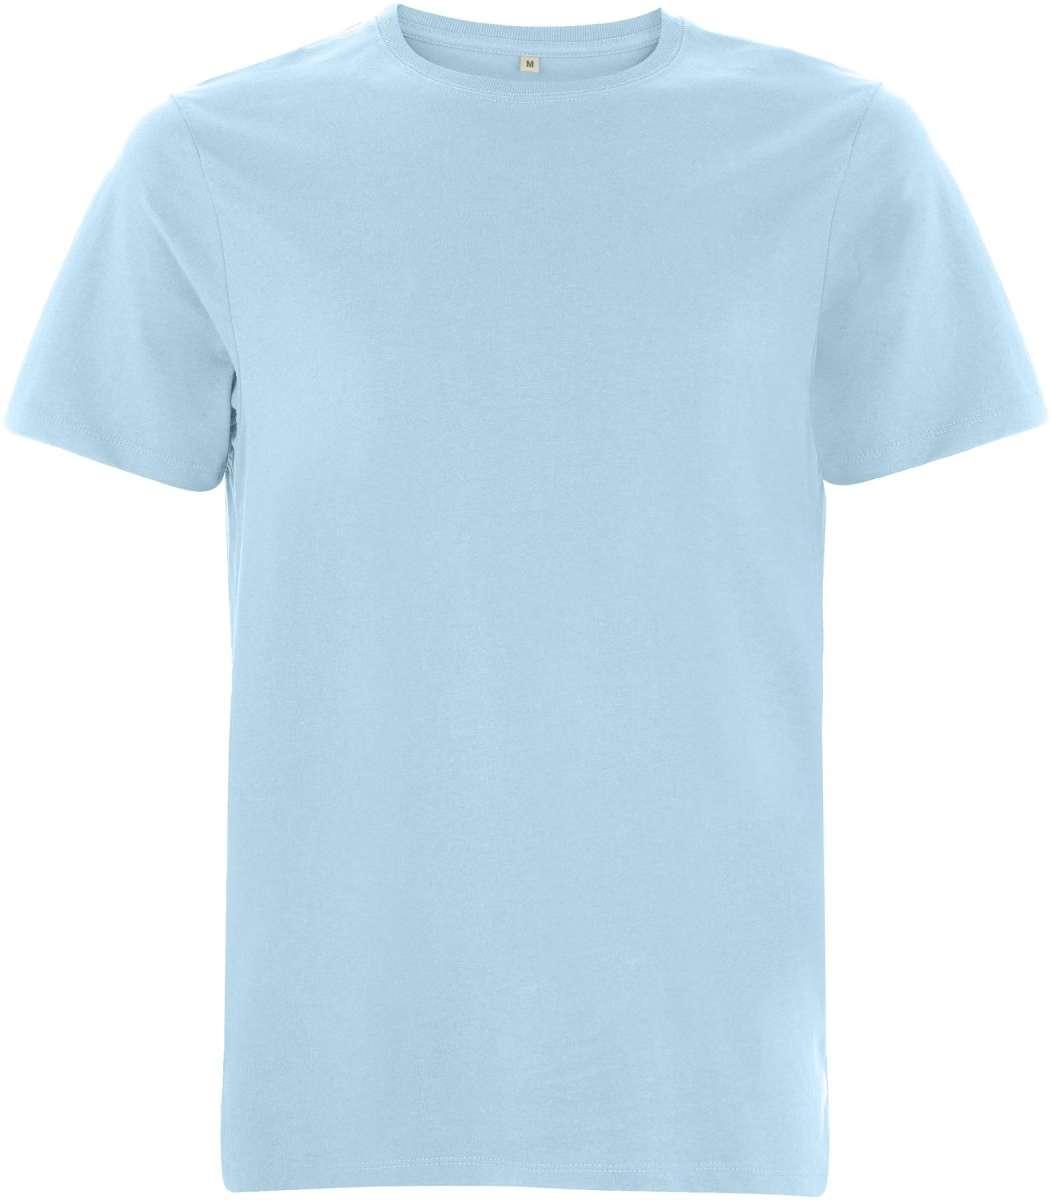 Zay el Hawa   Men's Basic Cut T-shirt